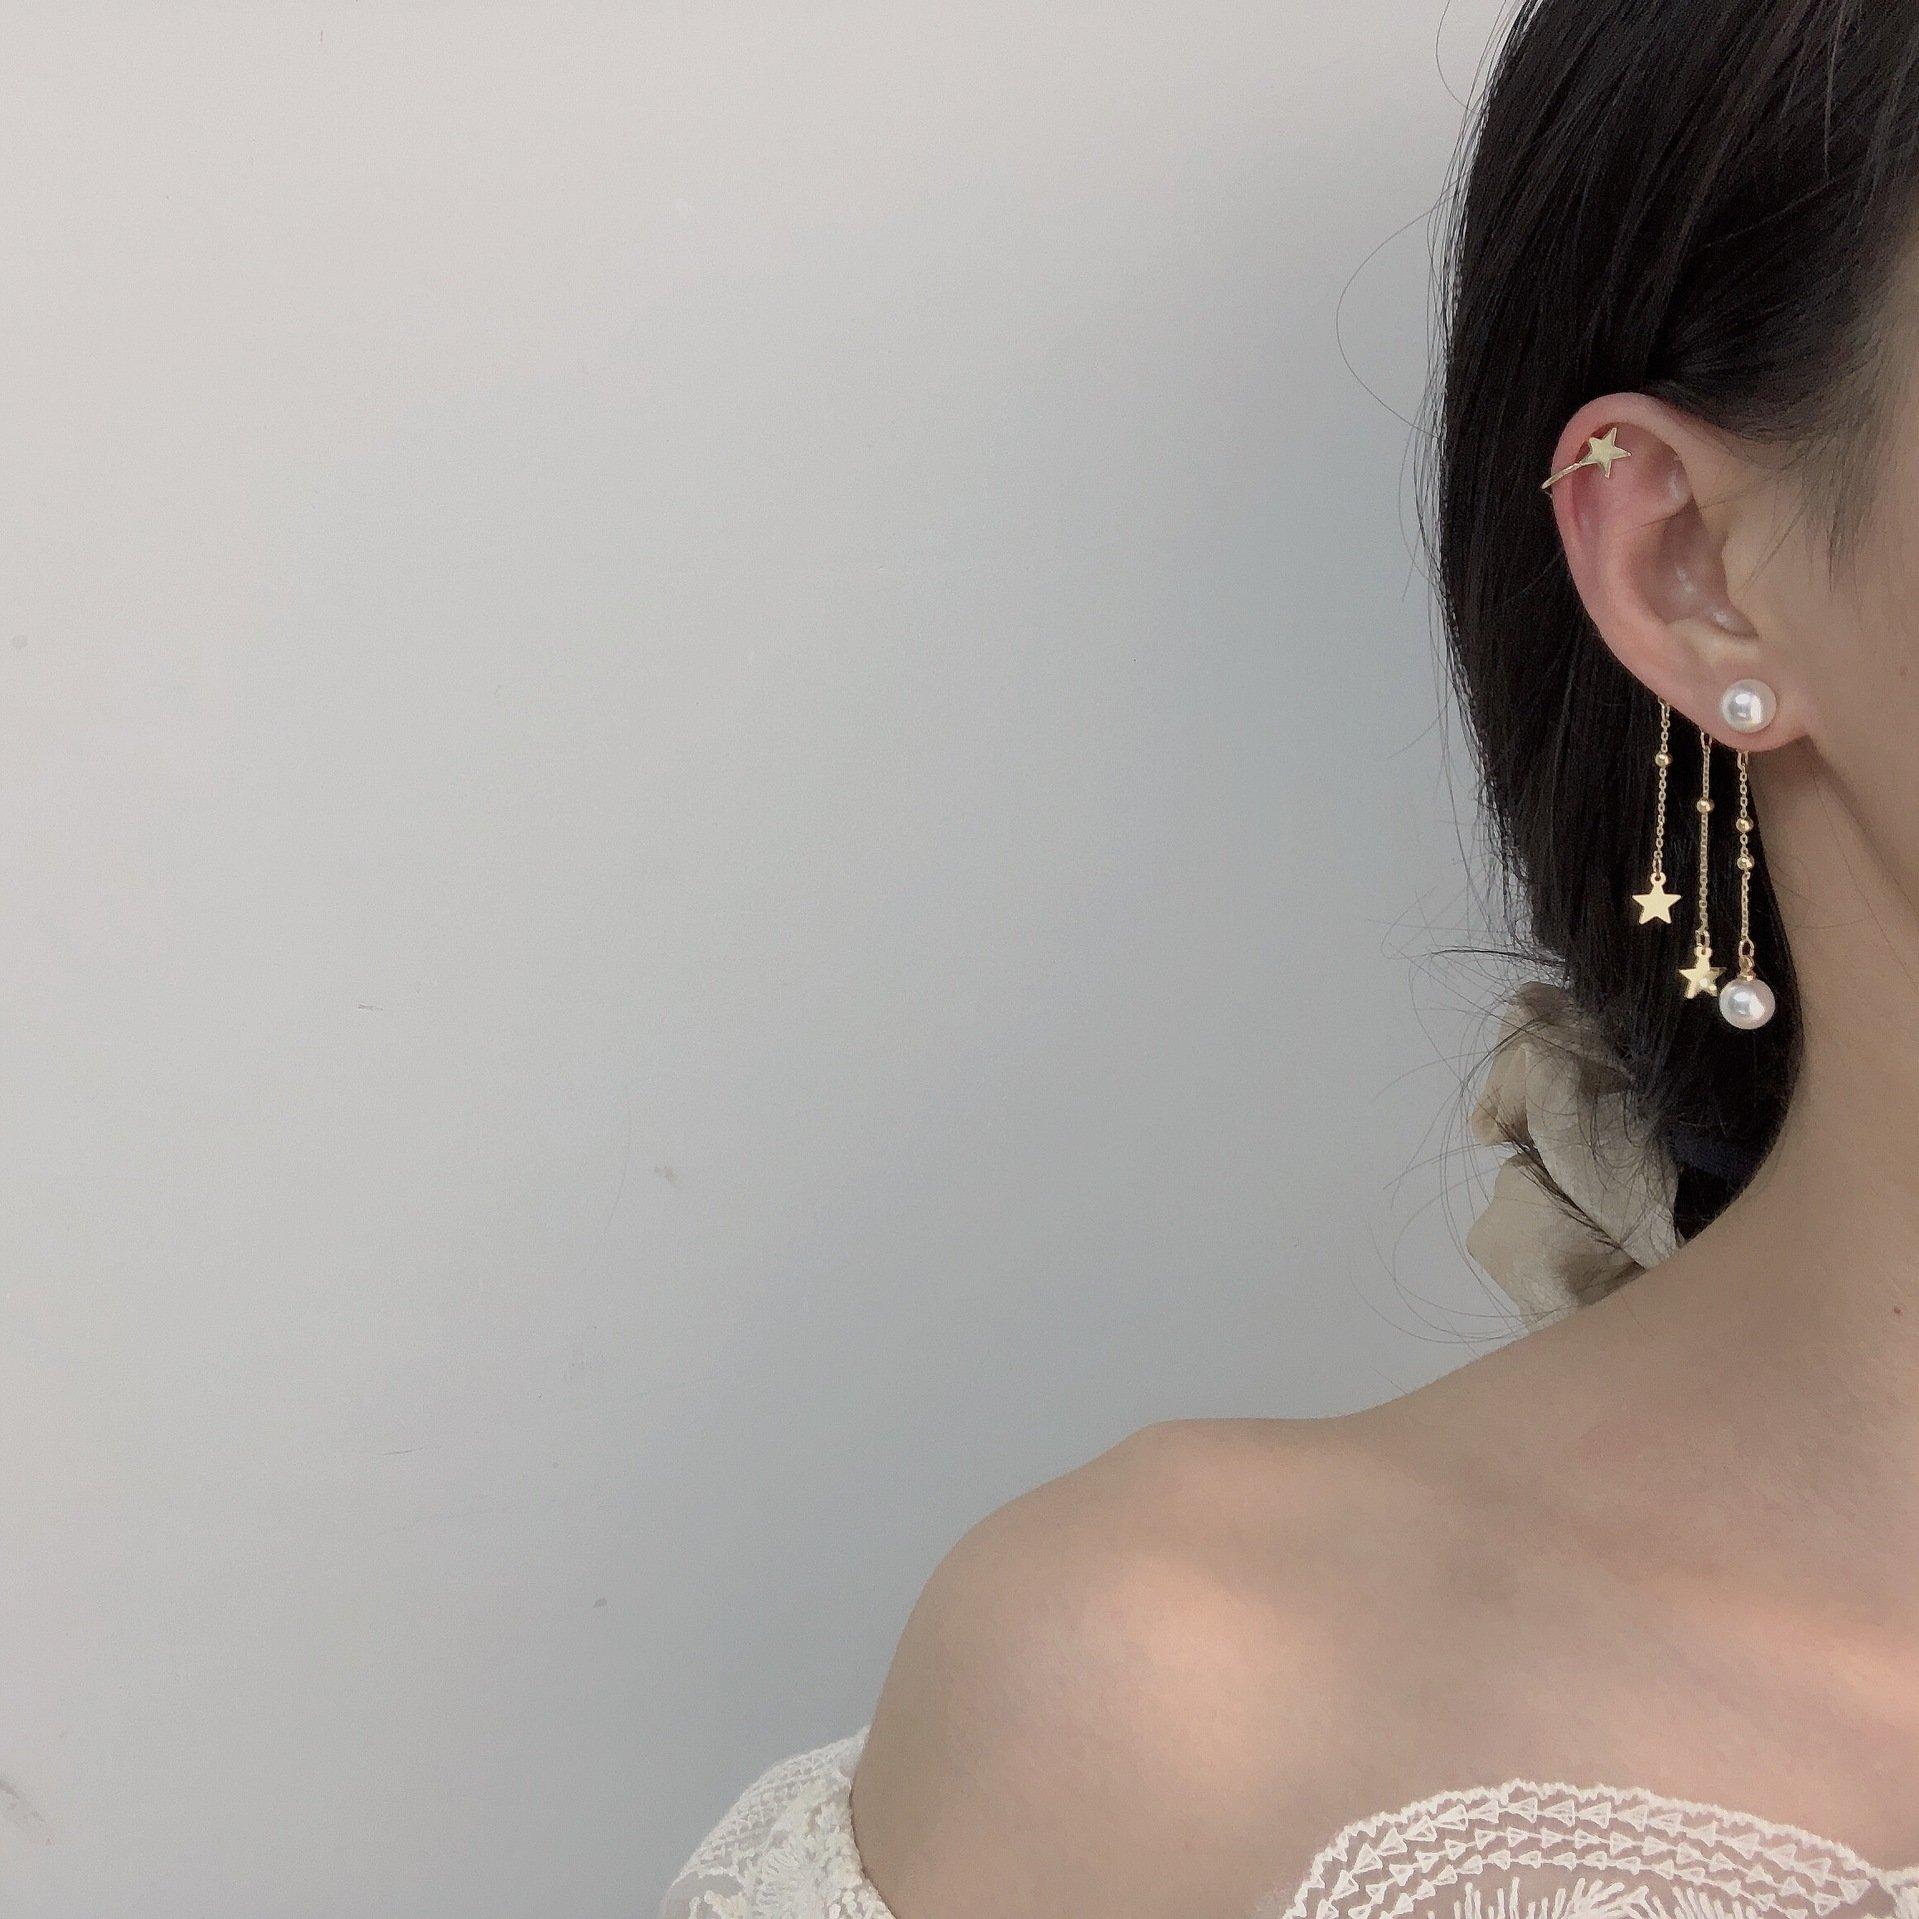 新鲜出炉日韩人气珍珠银针链条流苏个性单边耳钉耳骨夹一体式耳环图片